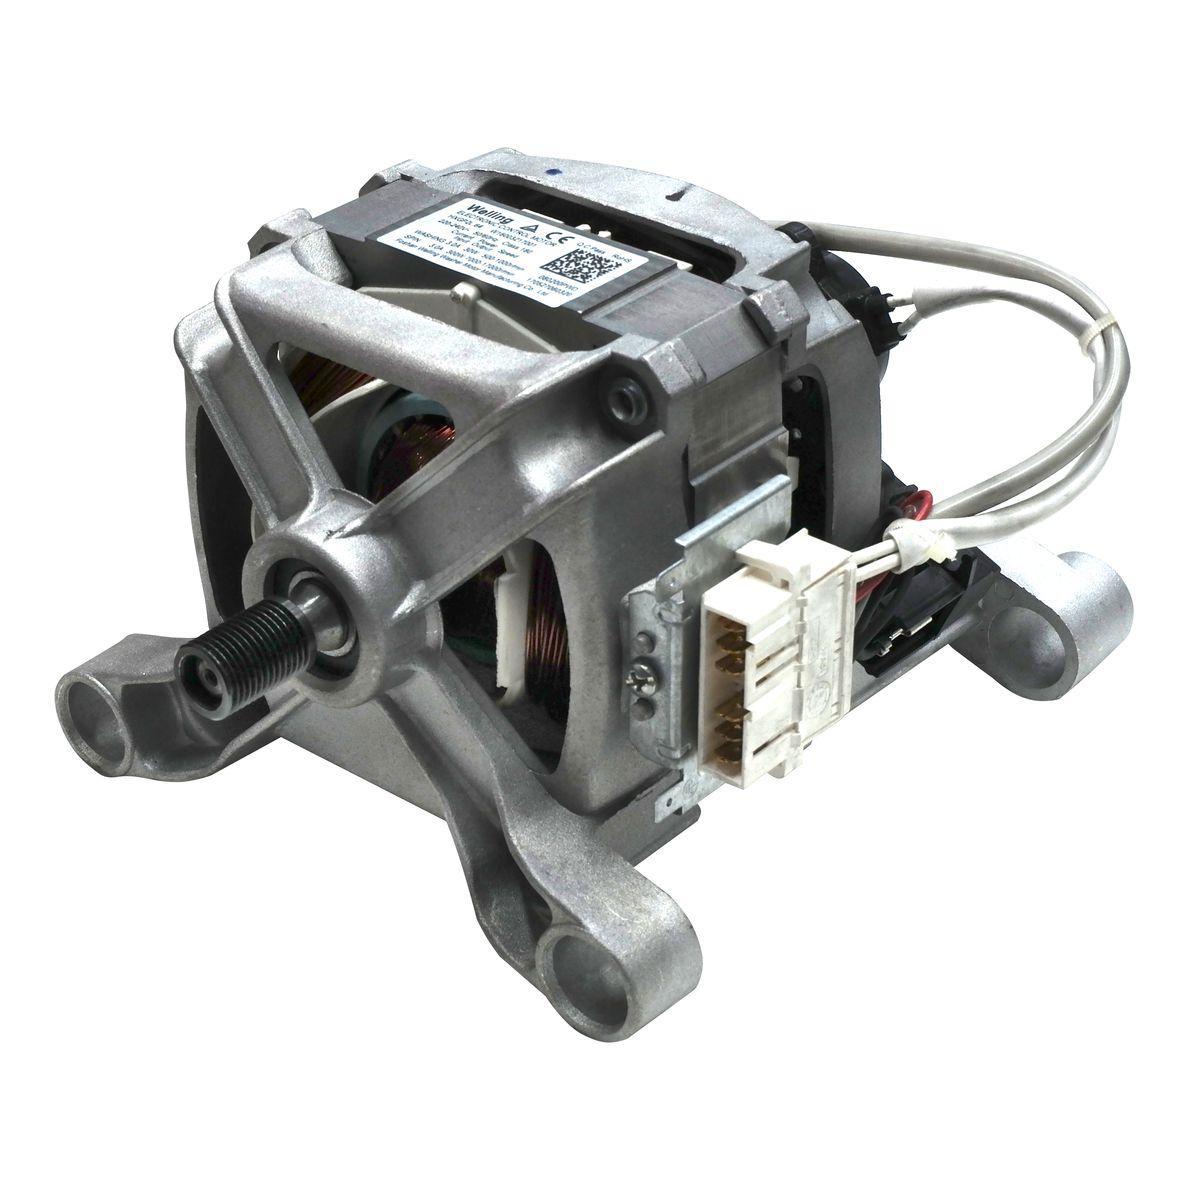 Электродвигатель Welling C00302487 для стиральных машин Indesit Ariston